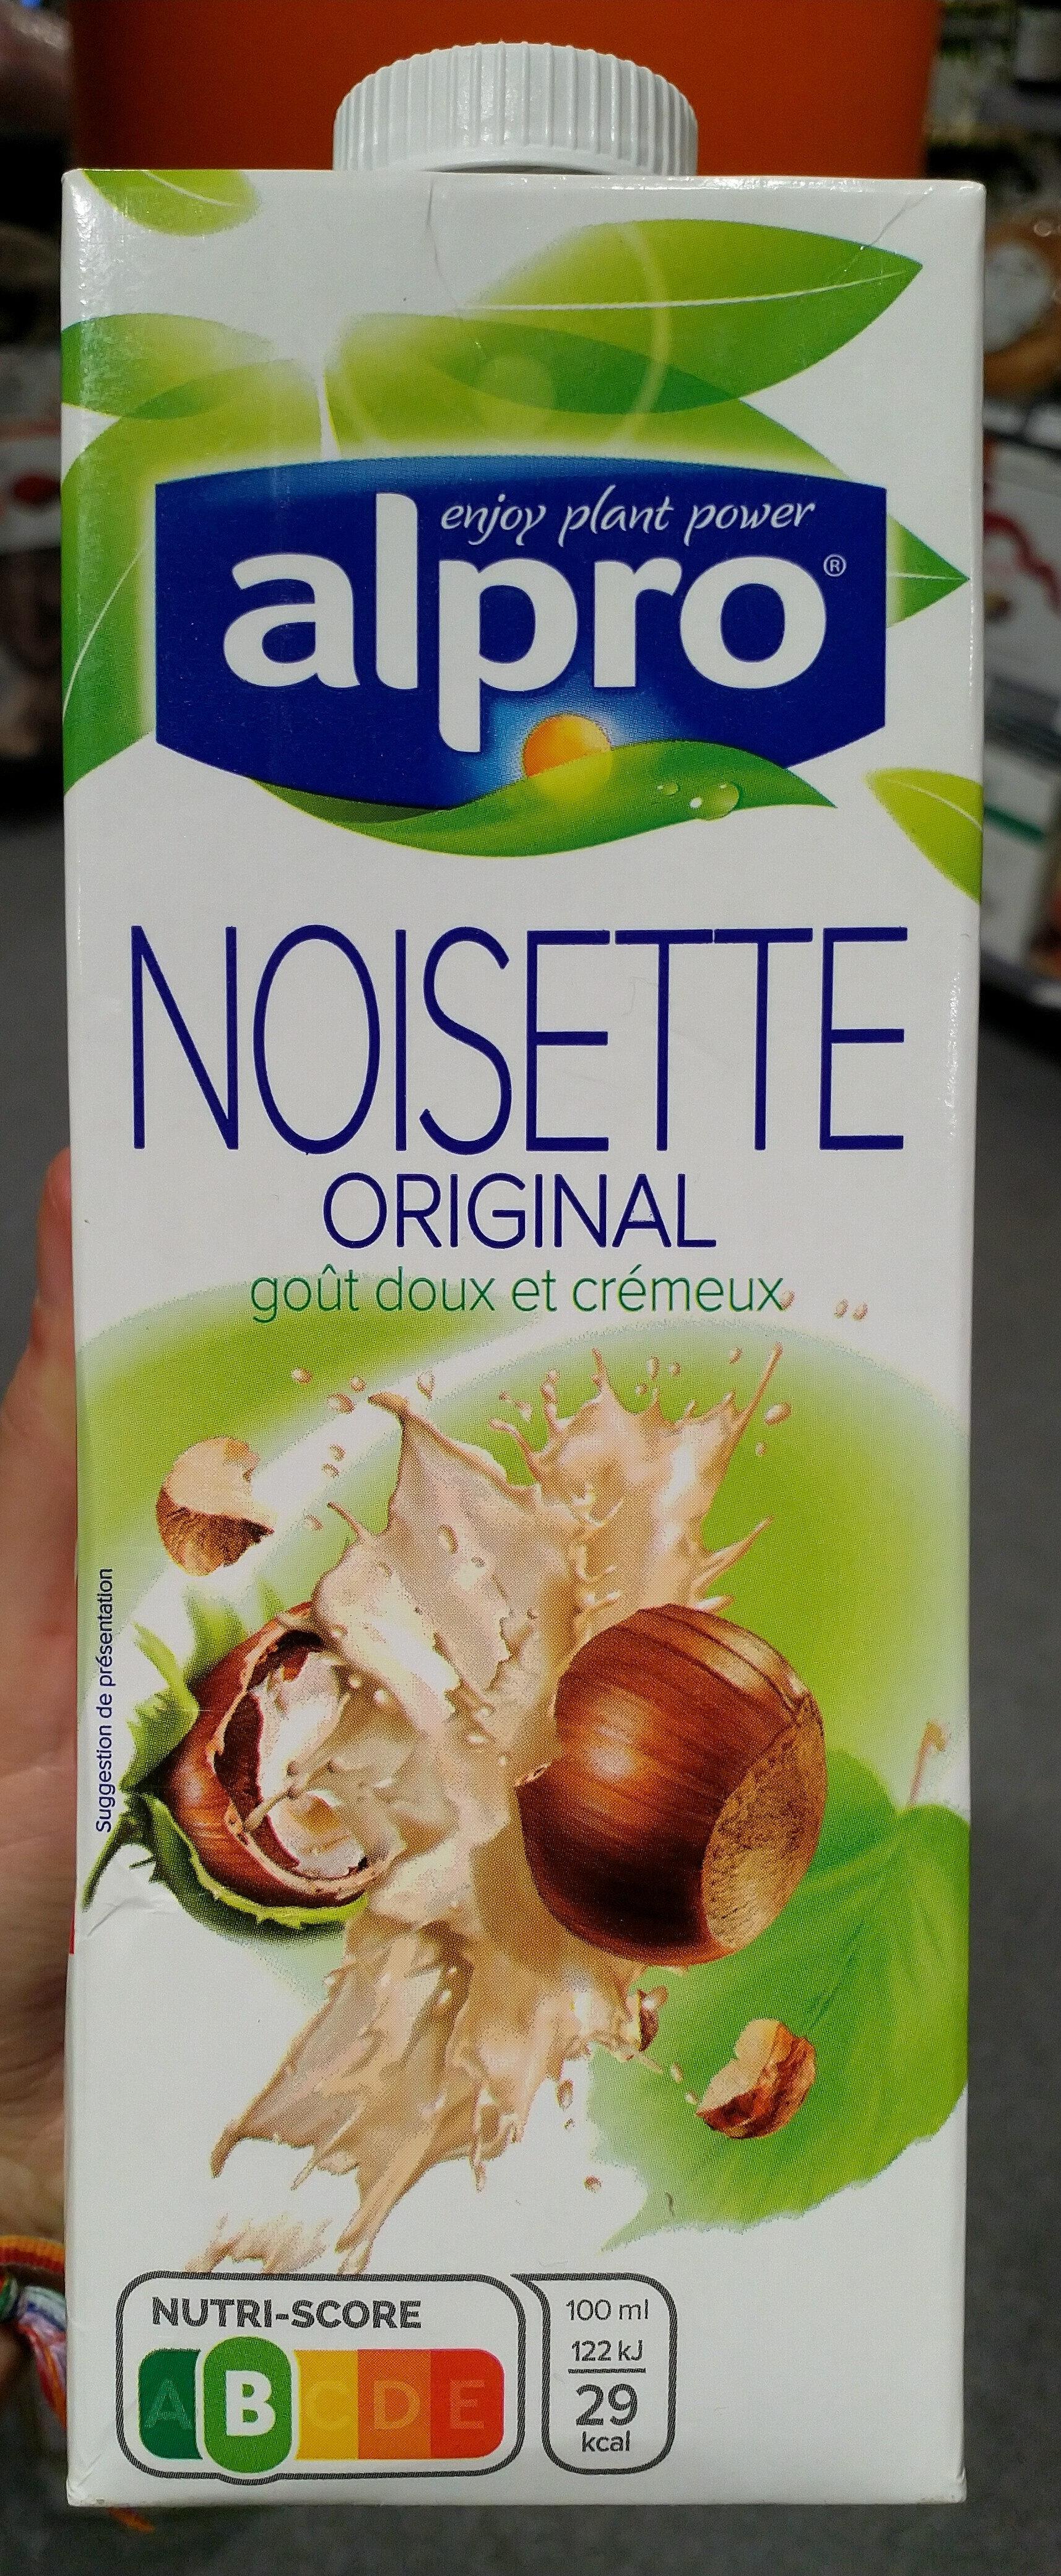 Noisette Original - Product - fr